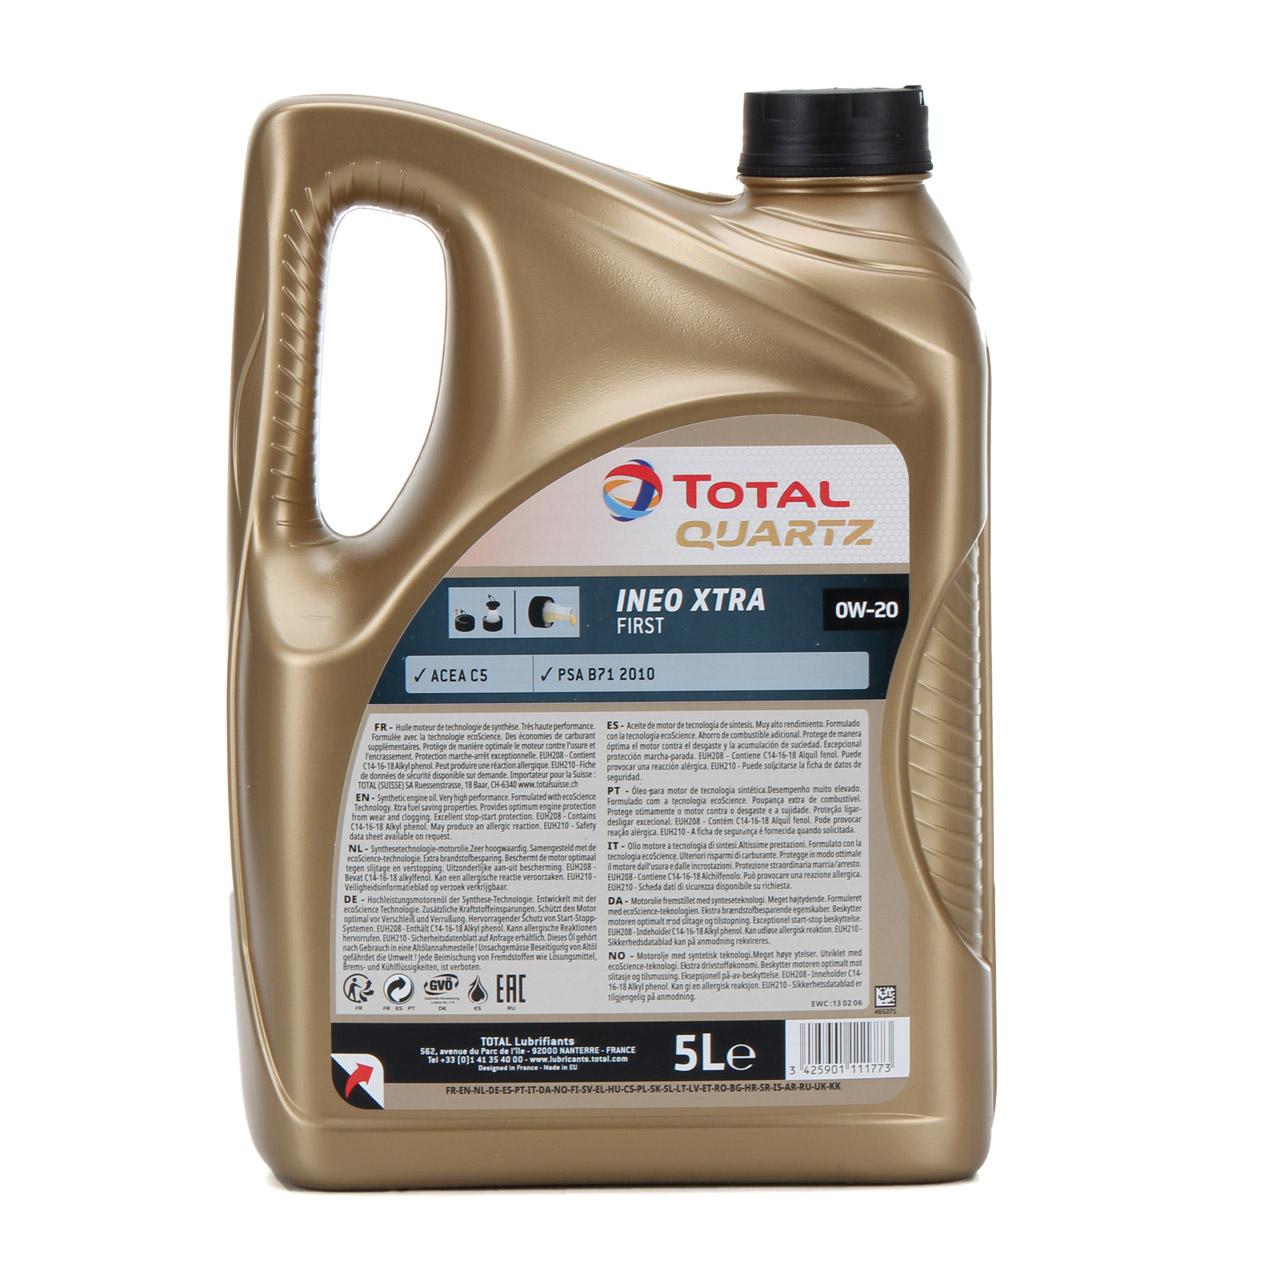 TOTAL Motoröl Öl QUARTZ INEO XTRA FIRST 0W-20 0W20 PSA B71 2010 - 5L 5 Liter